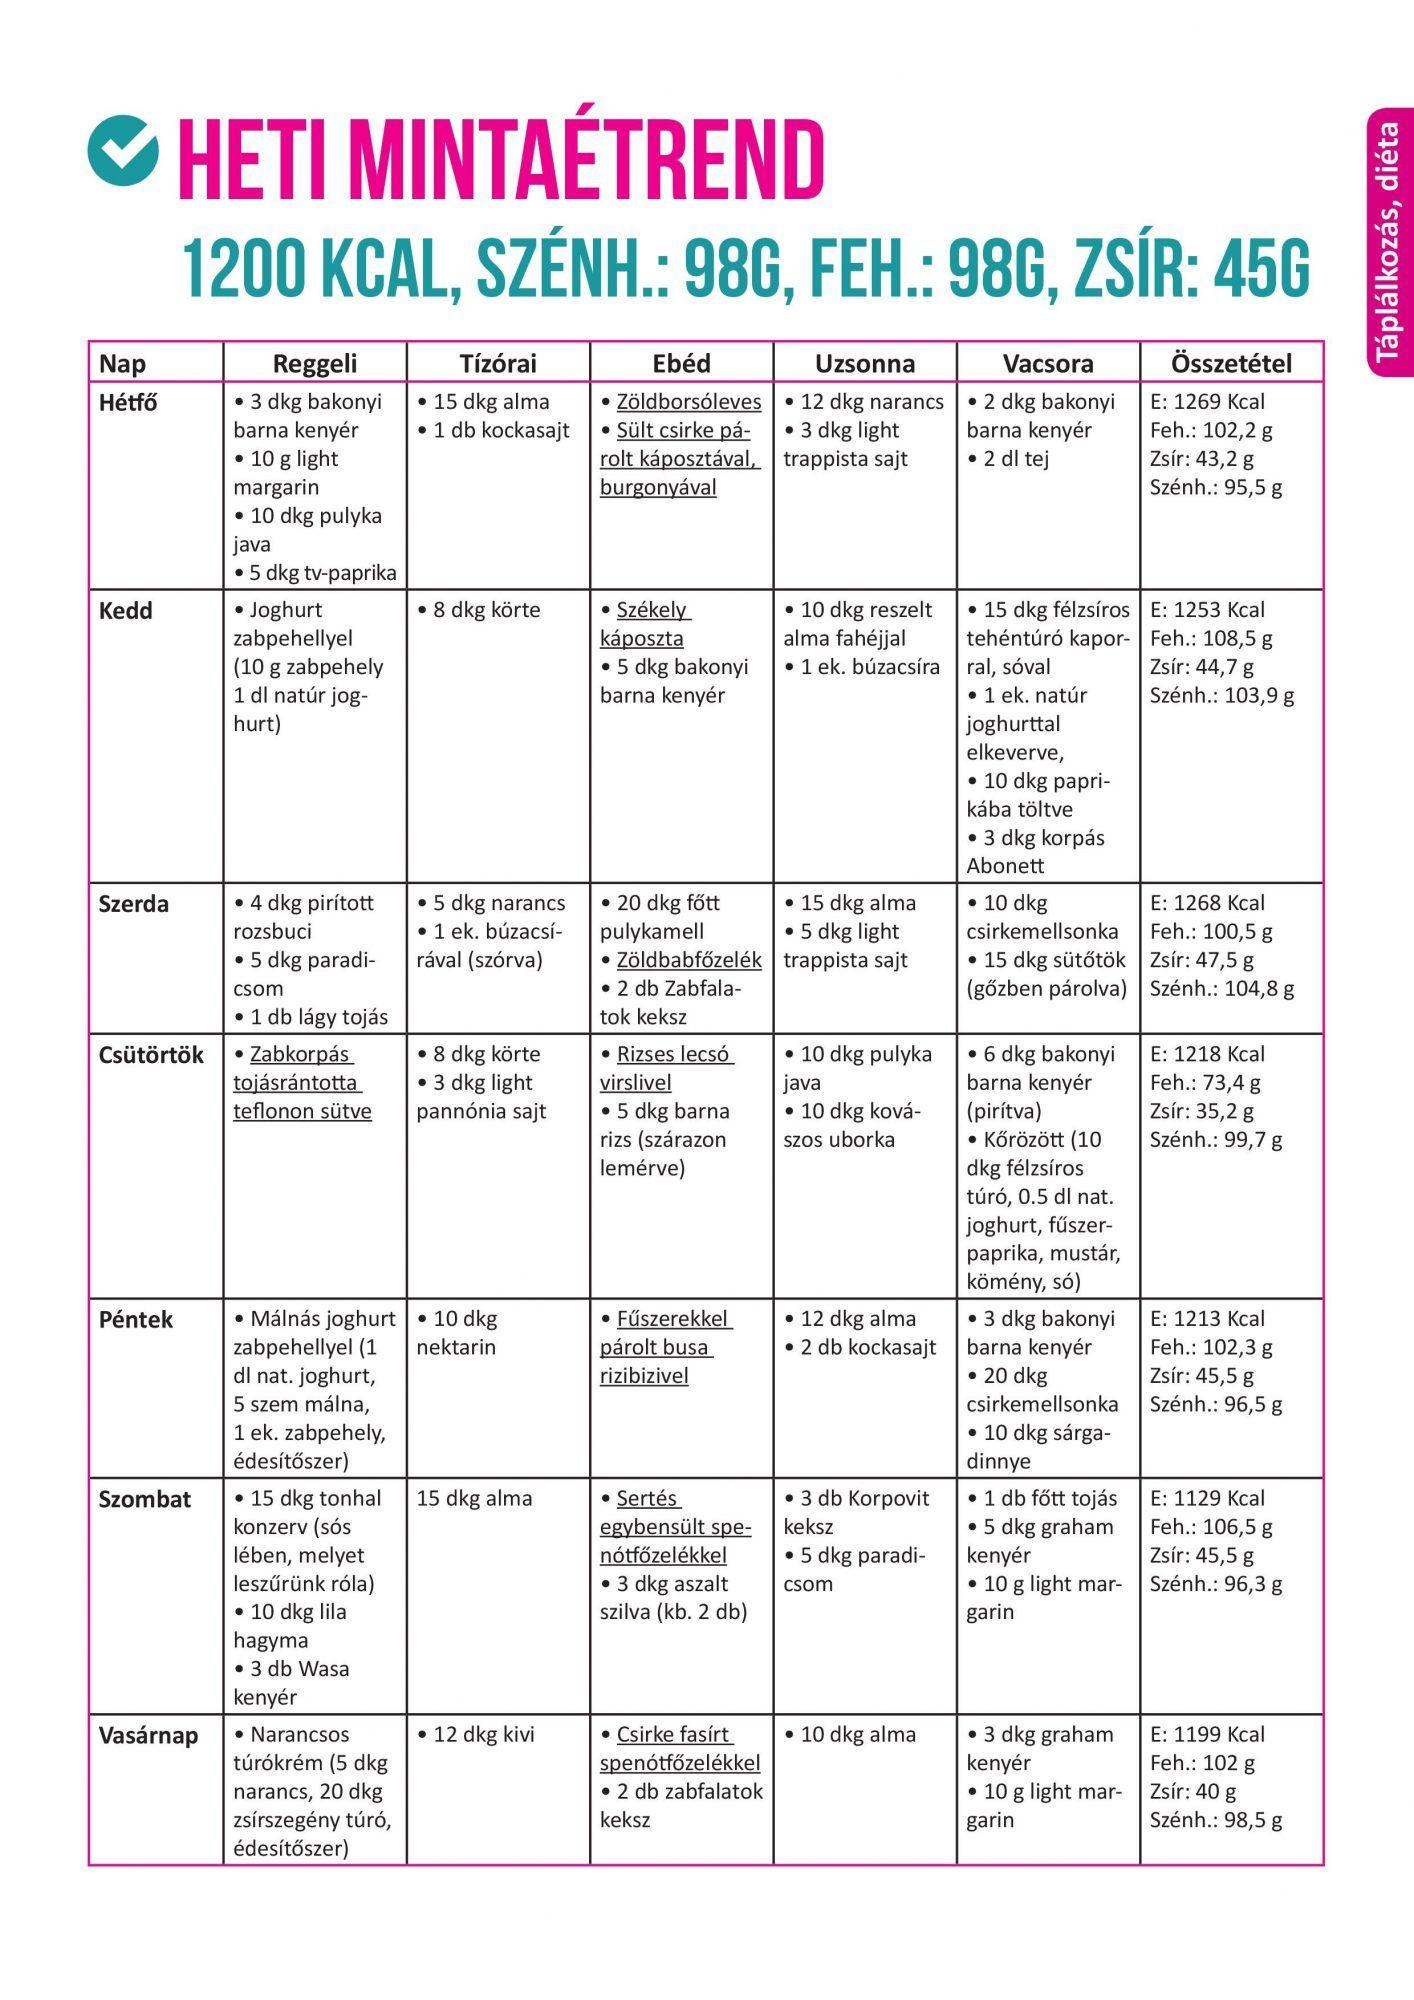 ASD a magas vérnyomás kezelésében energetikai és magas vérnyomás